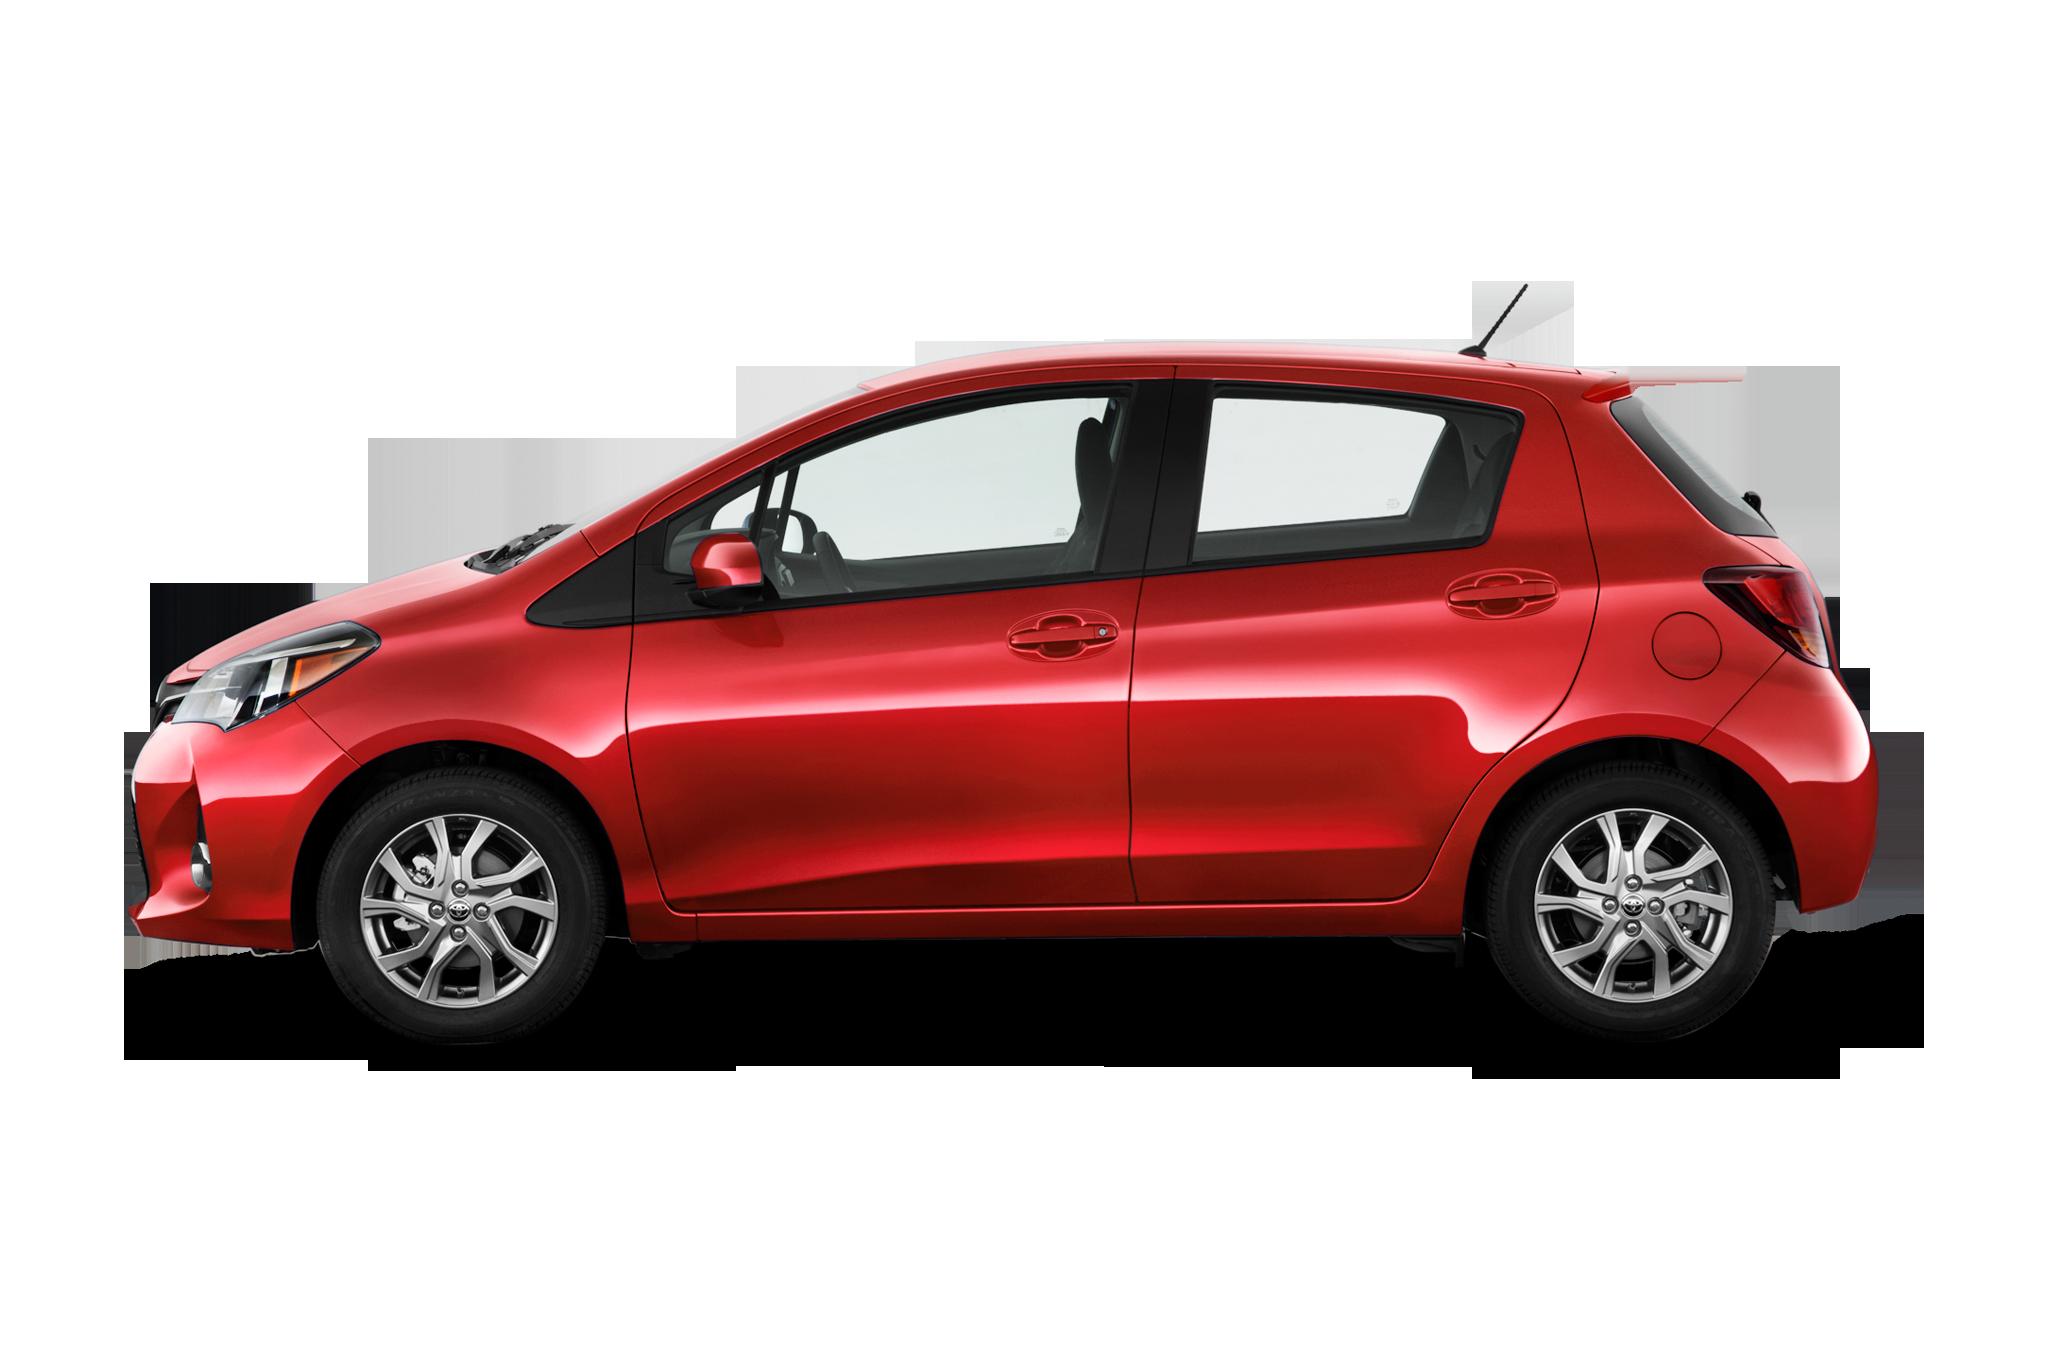 Yaris Hatchback 2017 >> 207-Horsepower Toyota Yaris Geneva Bound   Automobile Magazine